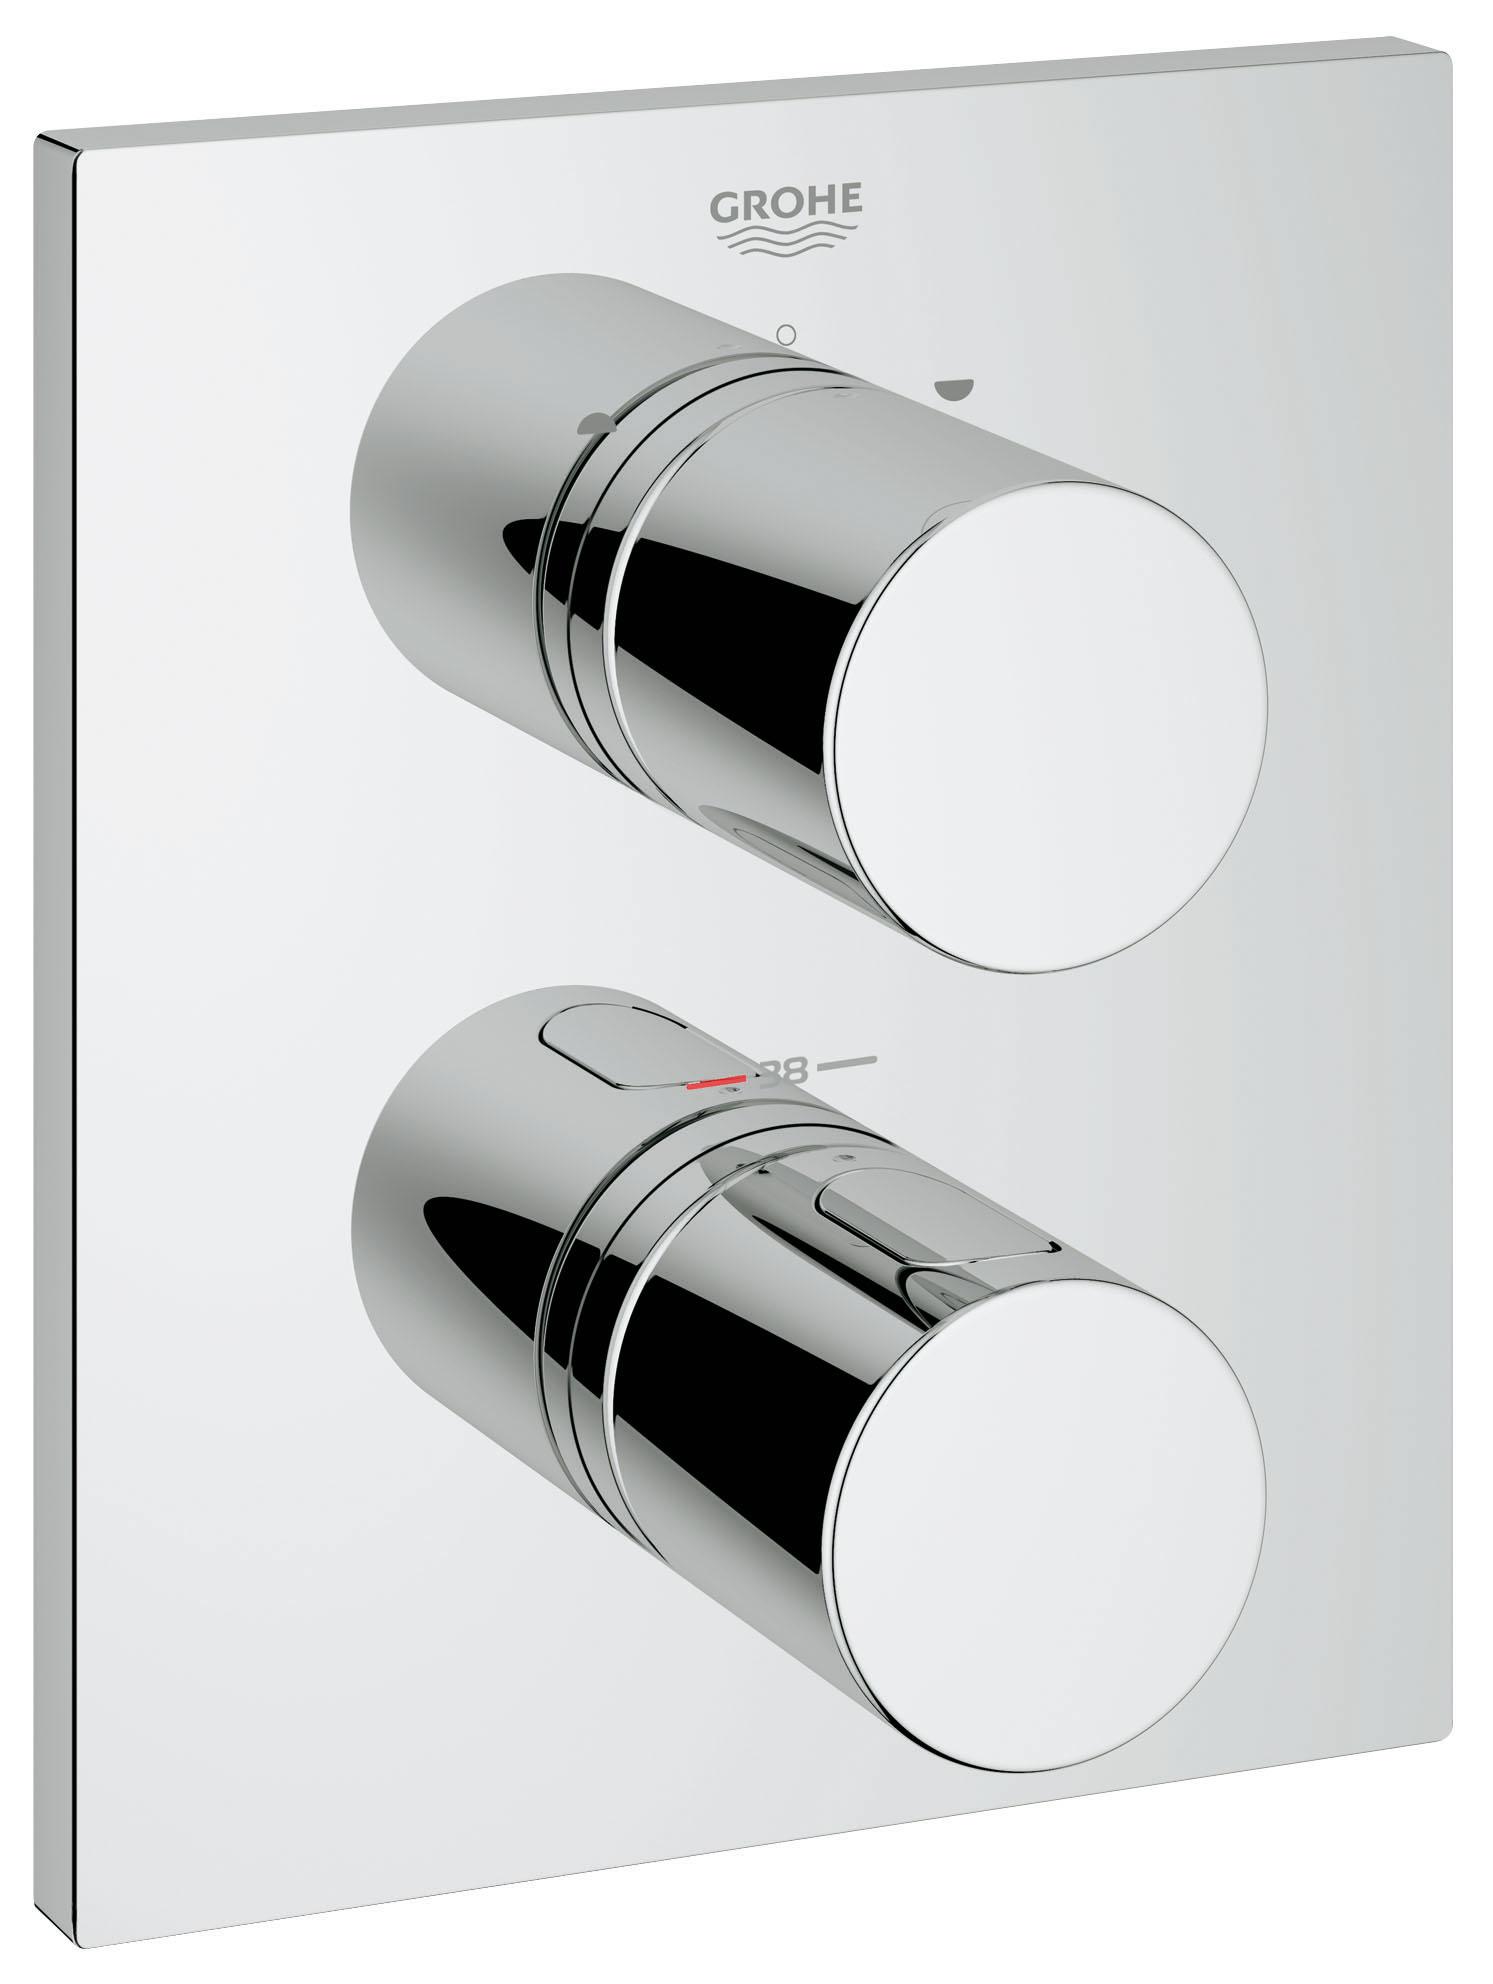 Термостатический смеситель для ванны GROHE Grohtherm 3000 Cosmopolitan (внешняя панель для арт. 35500000) (19567000) цены